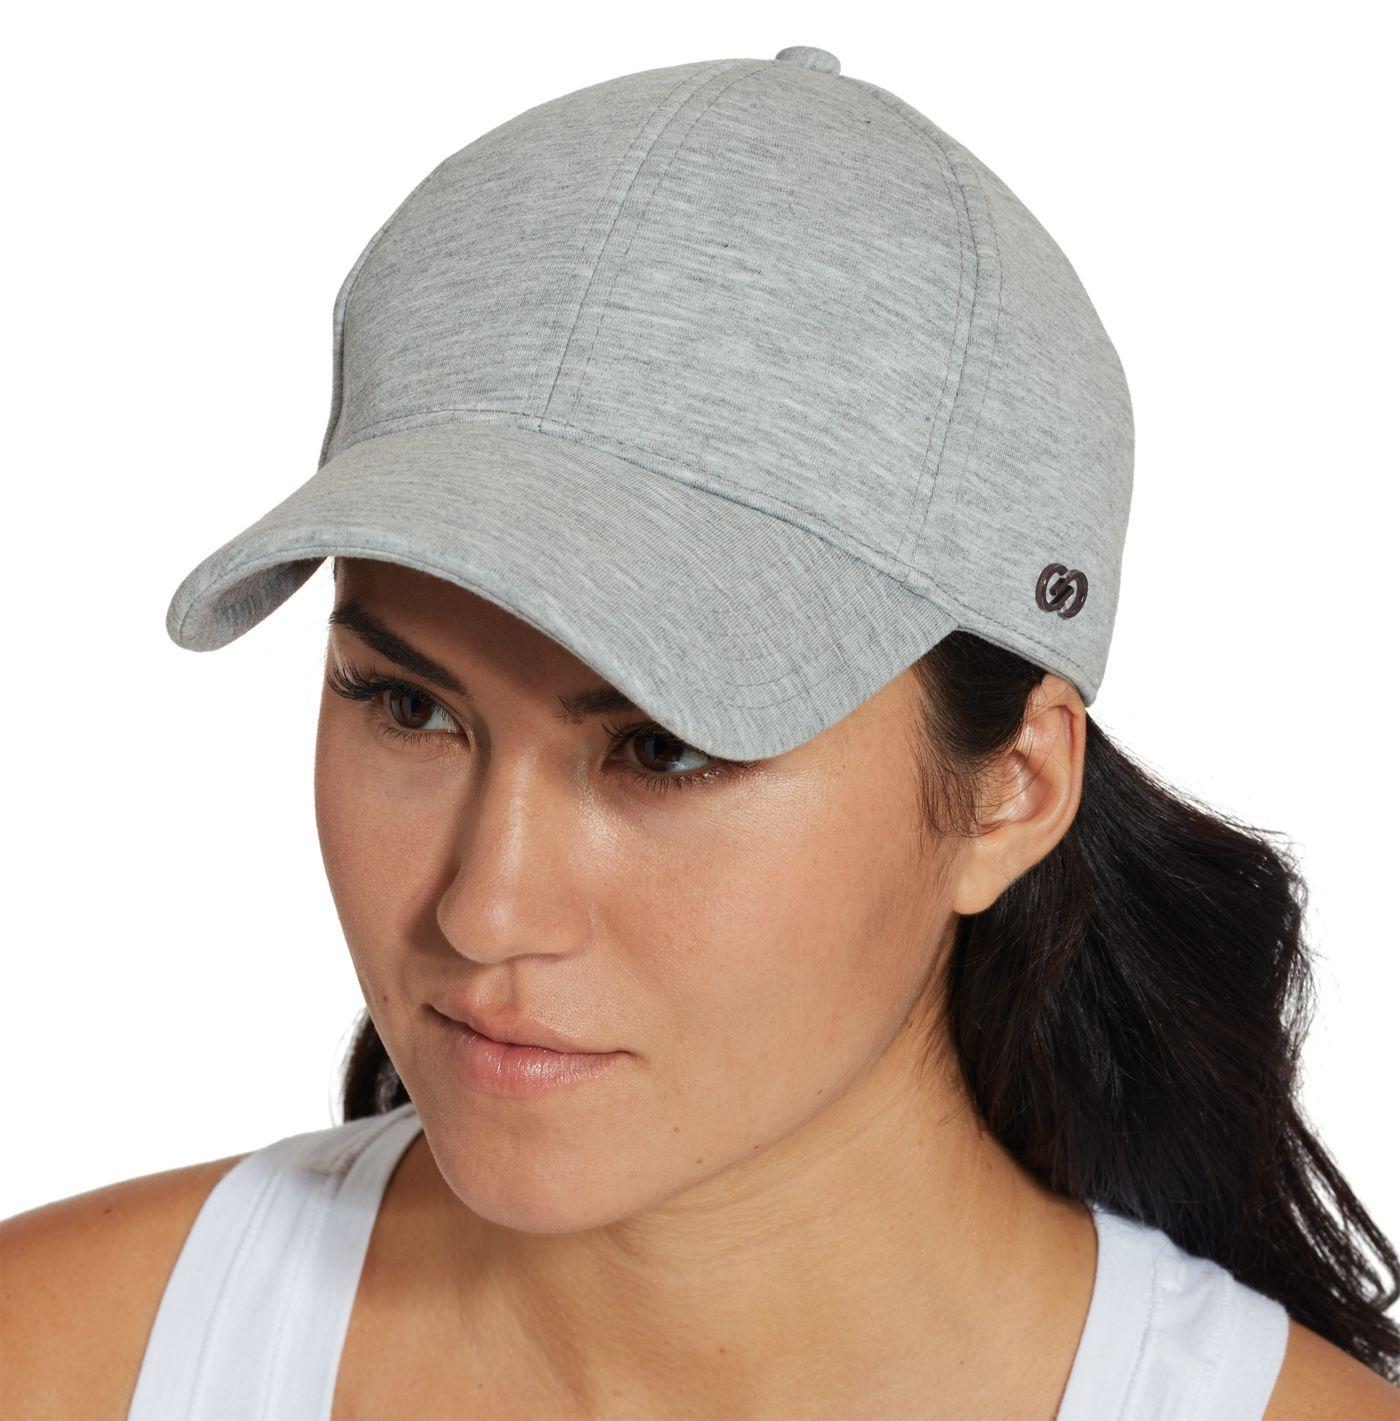 CALIA by Carrie Underwood Women's Neoprene Hat